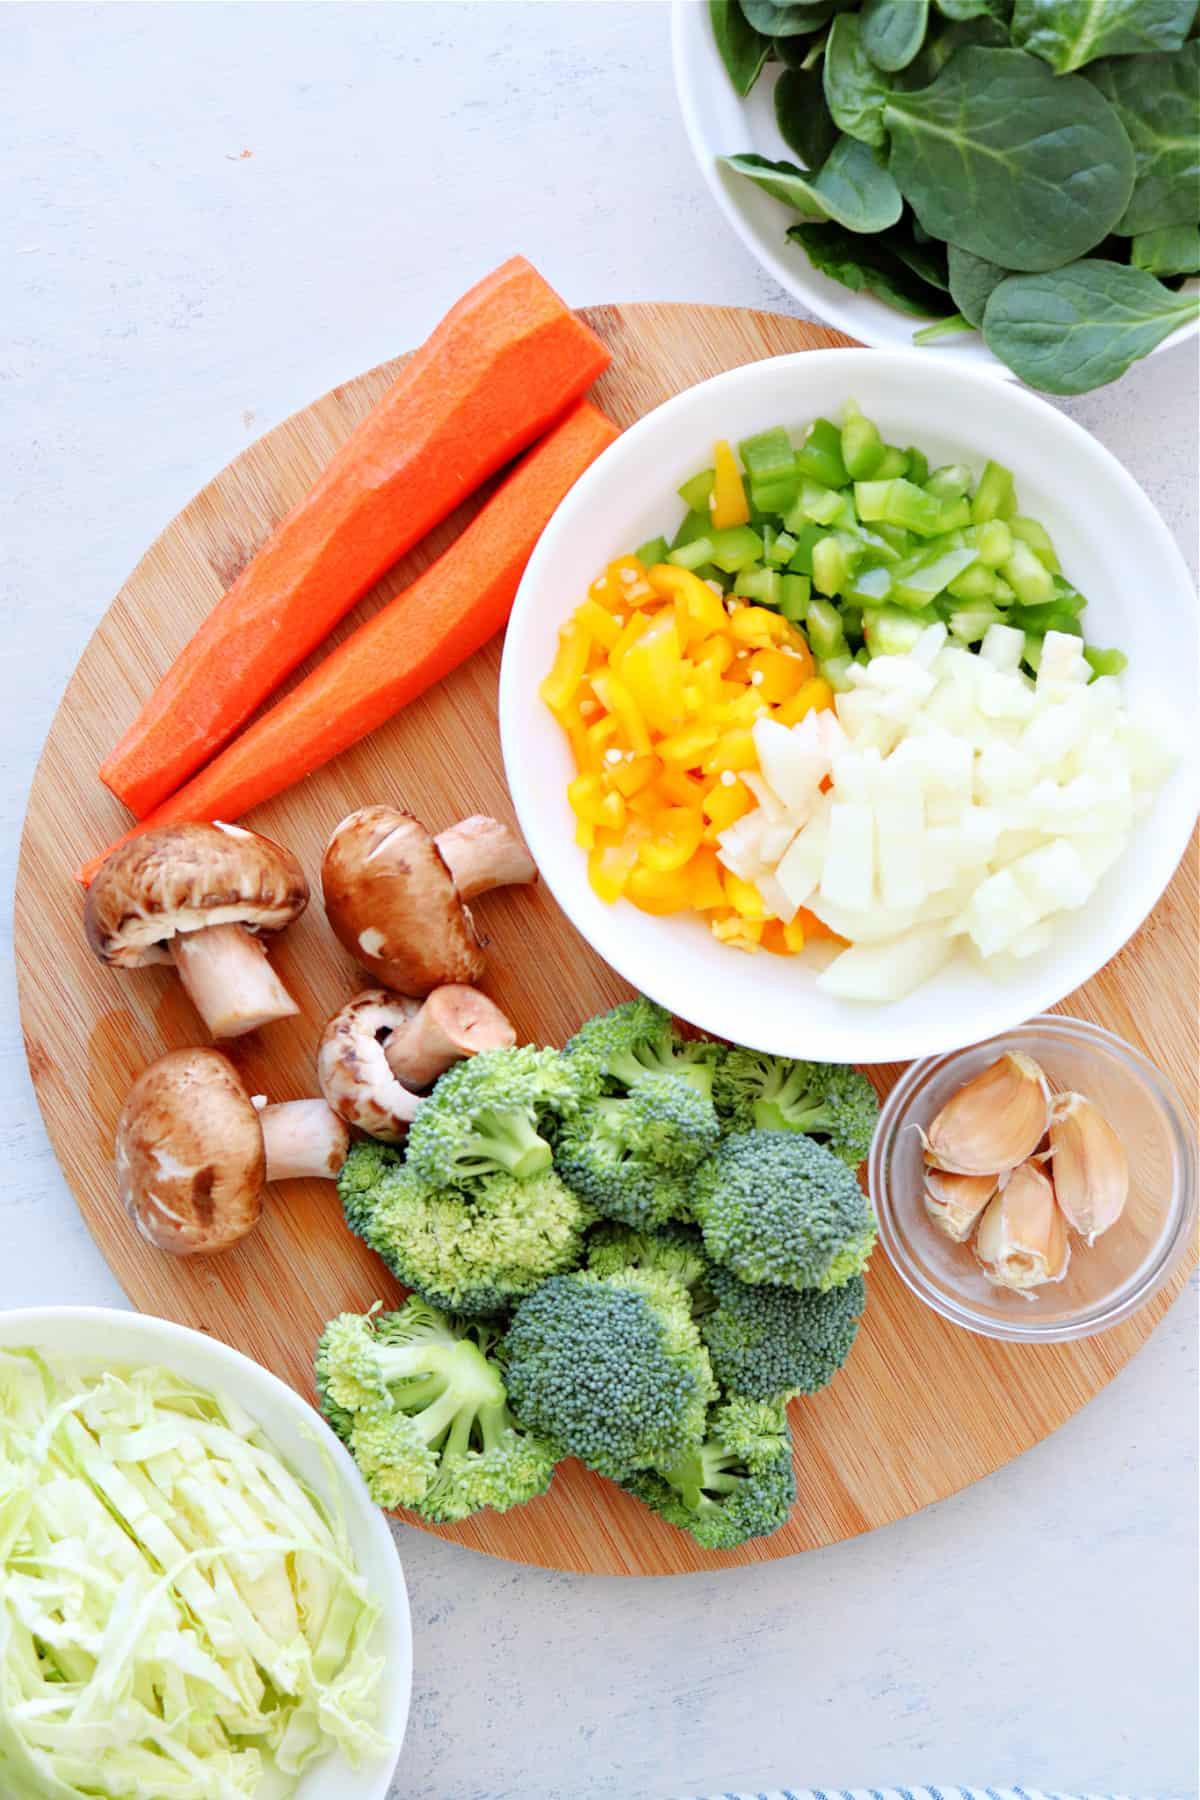 vegetable stir fry ingredients Vegetable Stir Fry